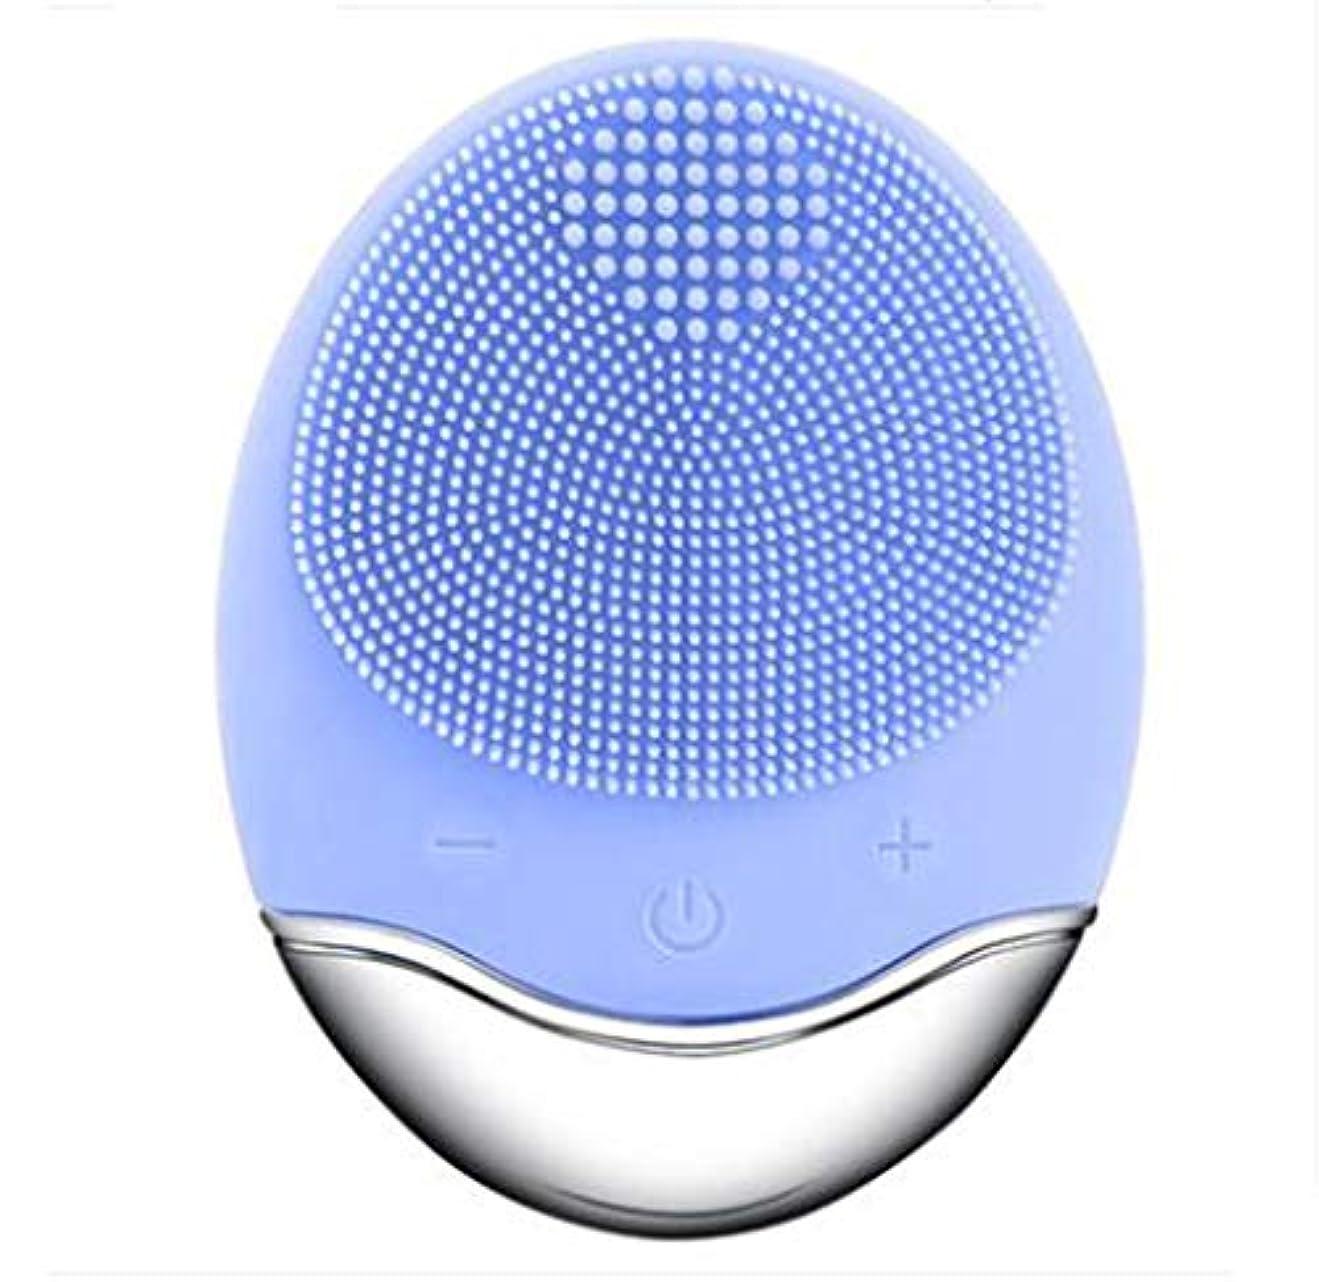 策定する策定する展望台シリコーン電気クレンジング器具、洗顔毛穴クリーナーマッサージフェイス、イントロデューサー + クレンジング器具 (1 つ2個),Blue